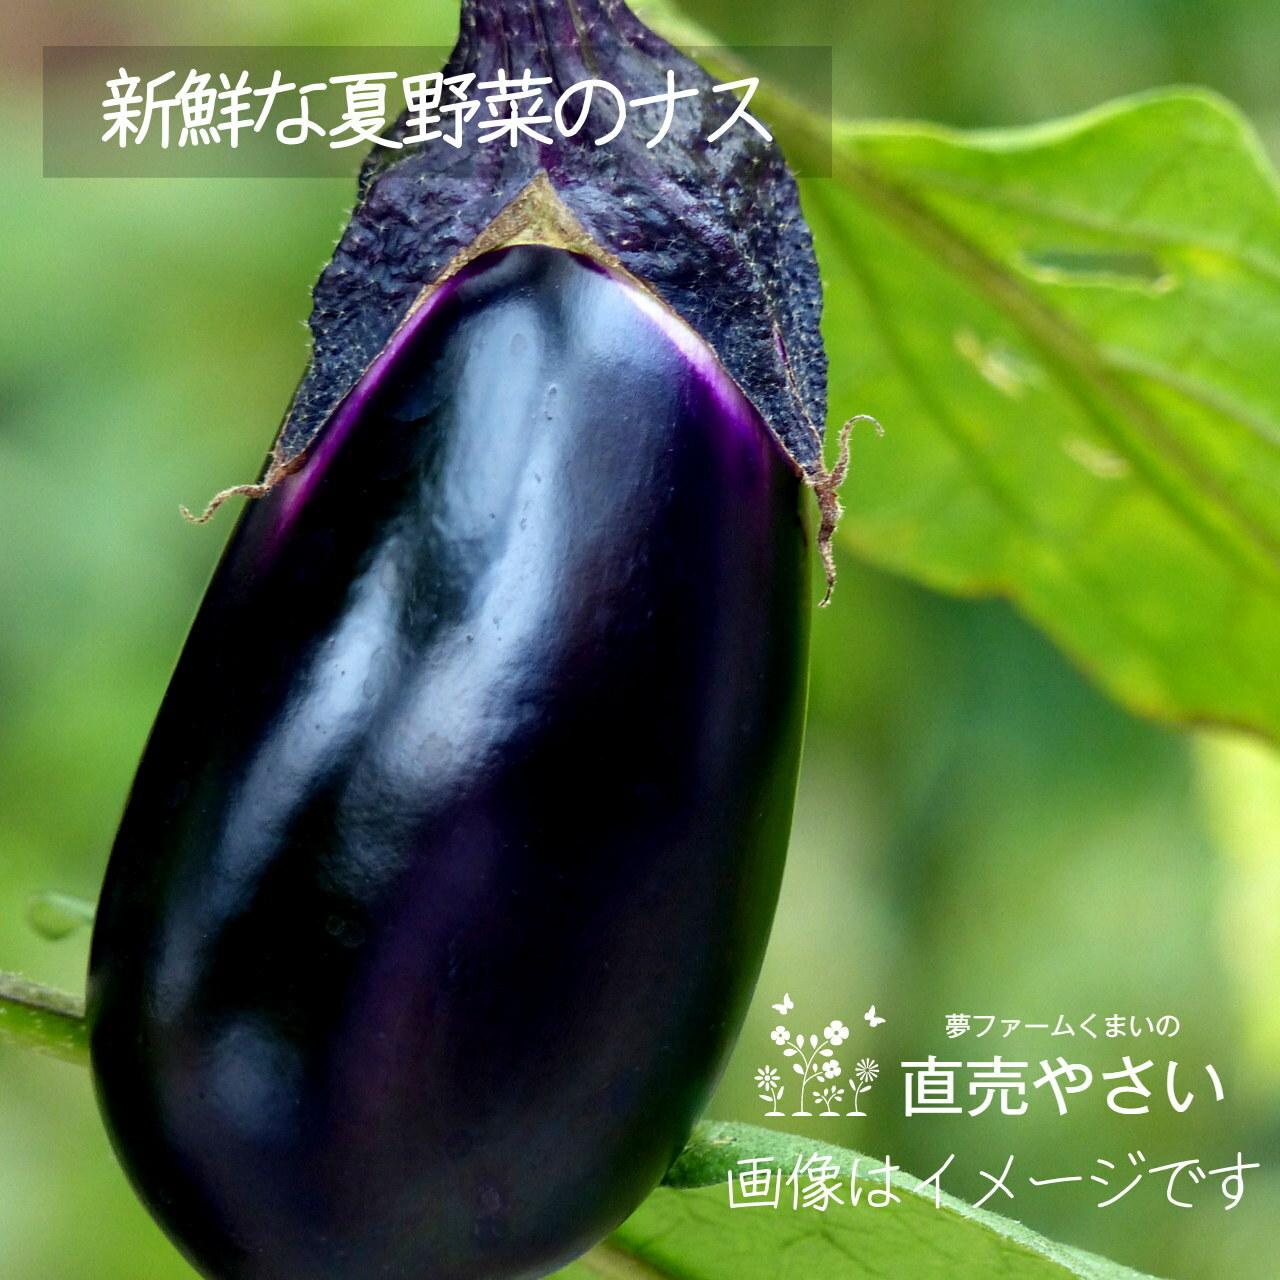 9月の朝採り直売野菜 : ナス 約350g 新鮮な秋野菜 9月26日発送予定